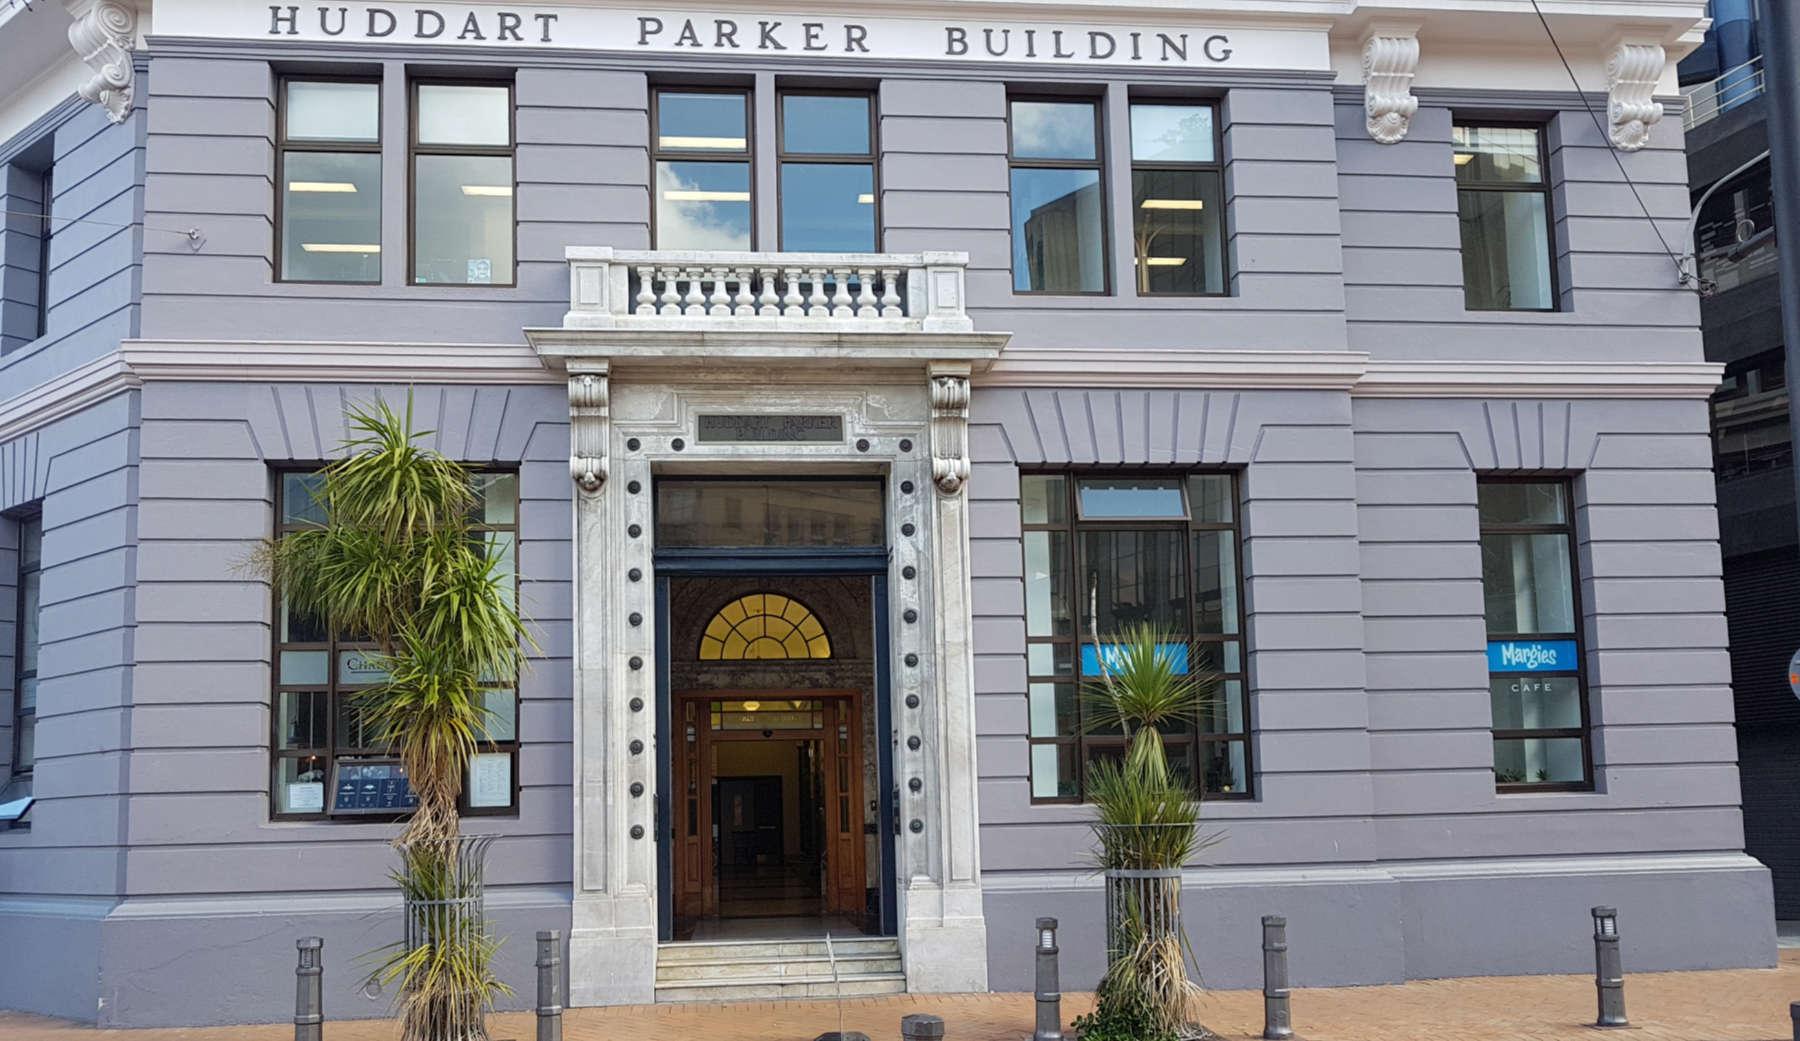 Huddart Parker building exterior